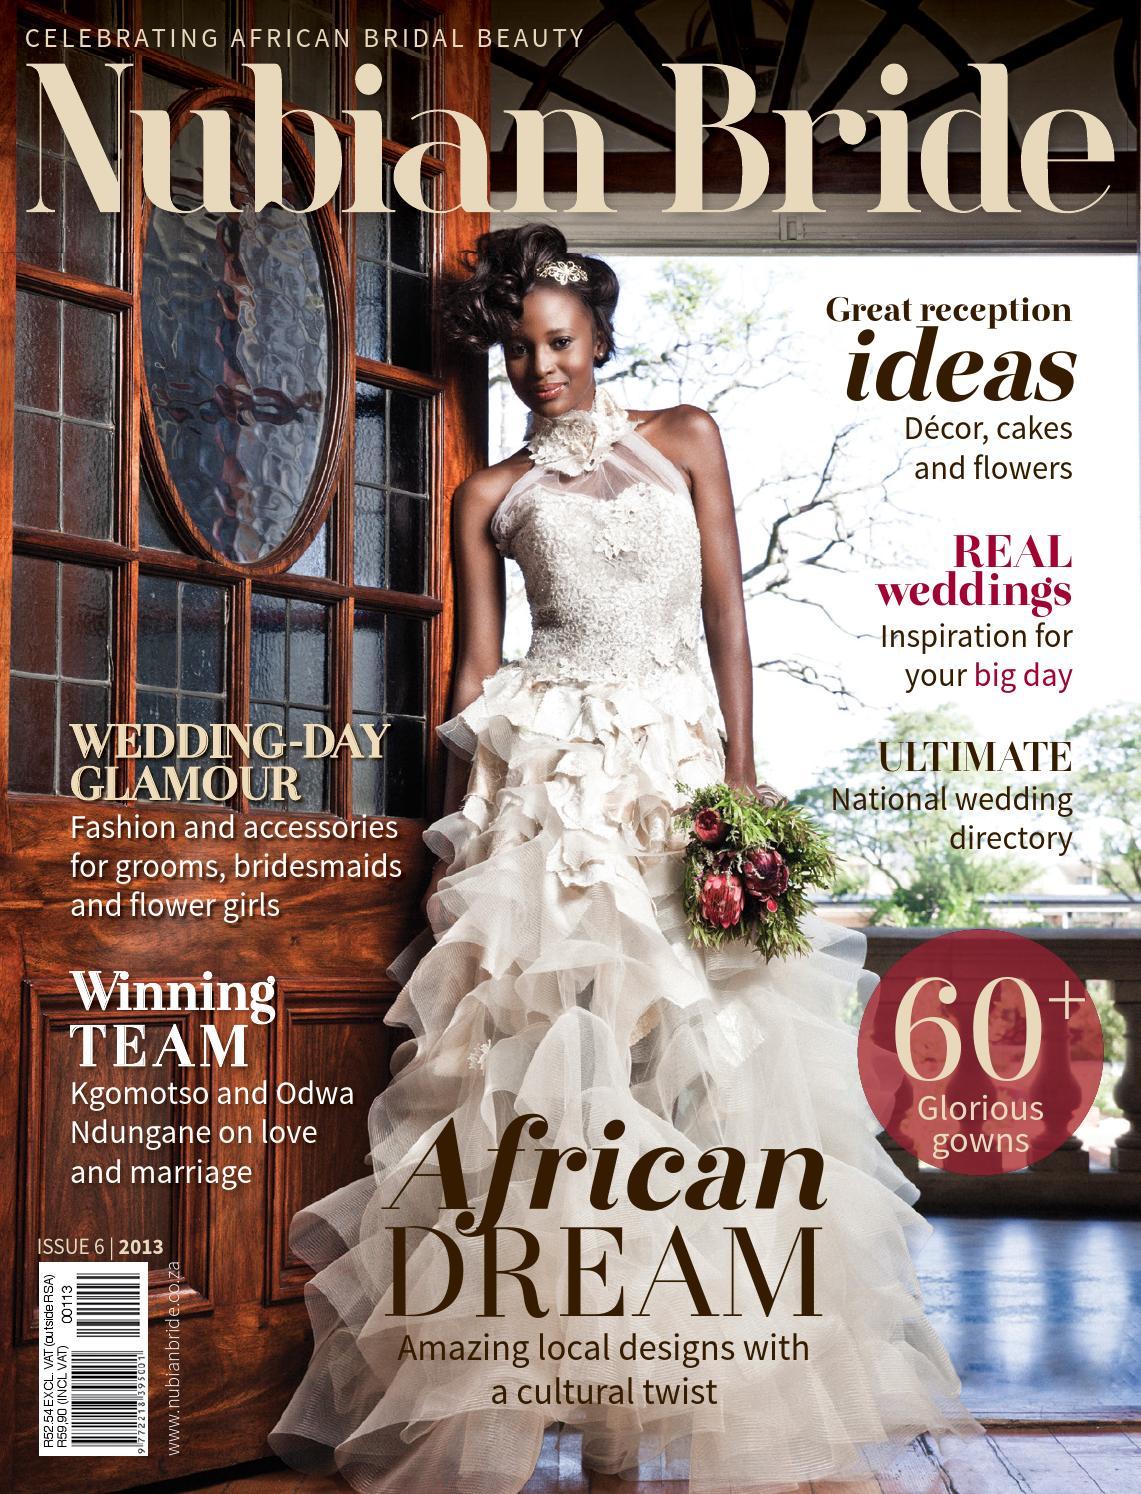 Nubian Bride Issue 6 By Ballyhoo Media Issuu